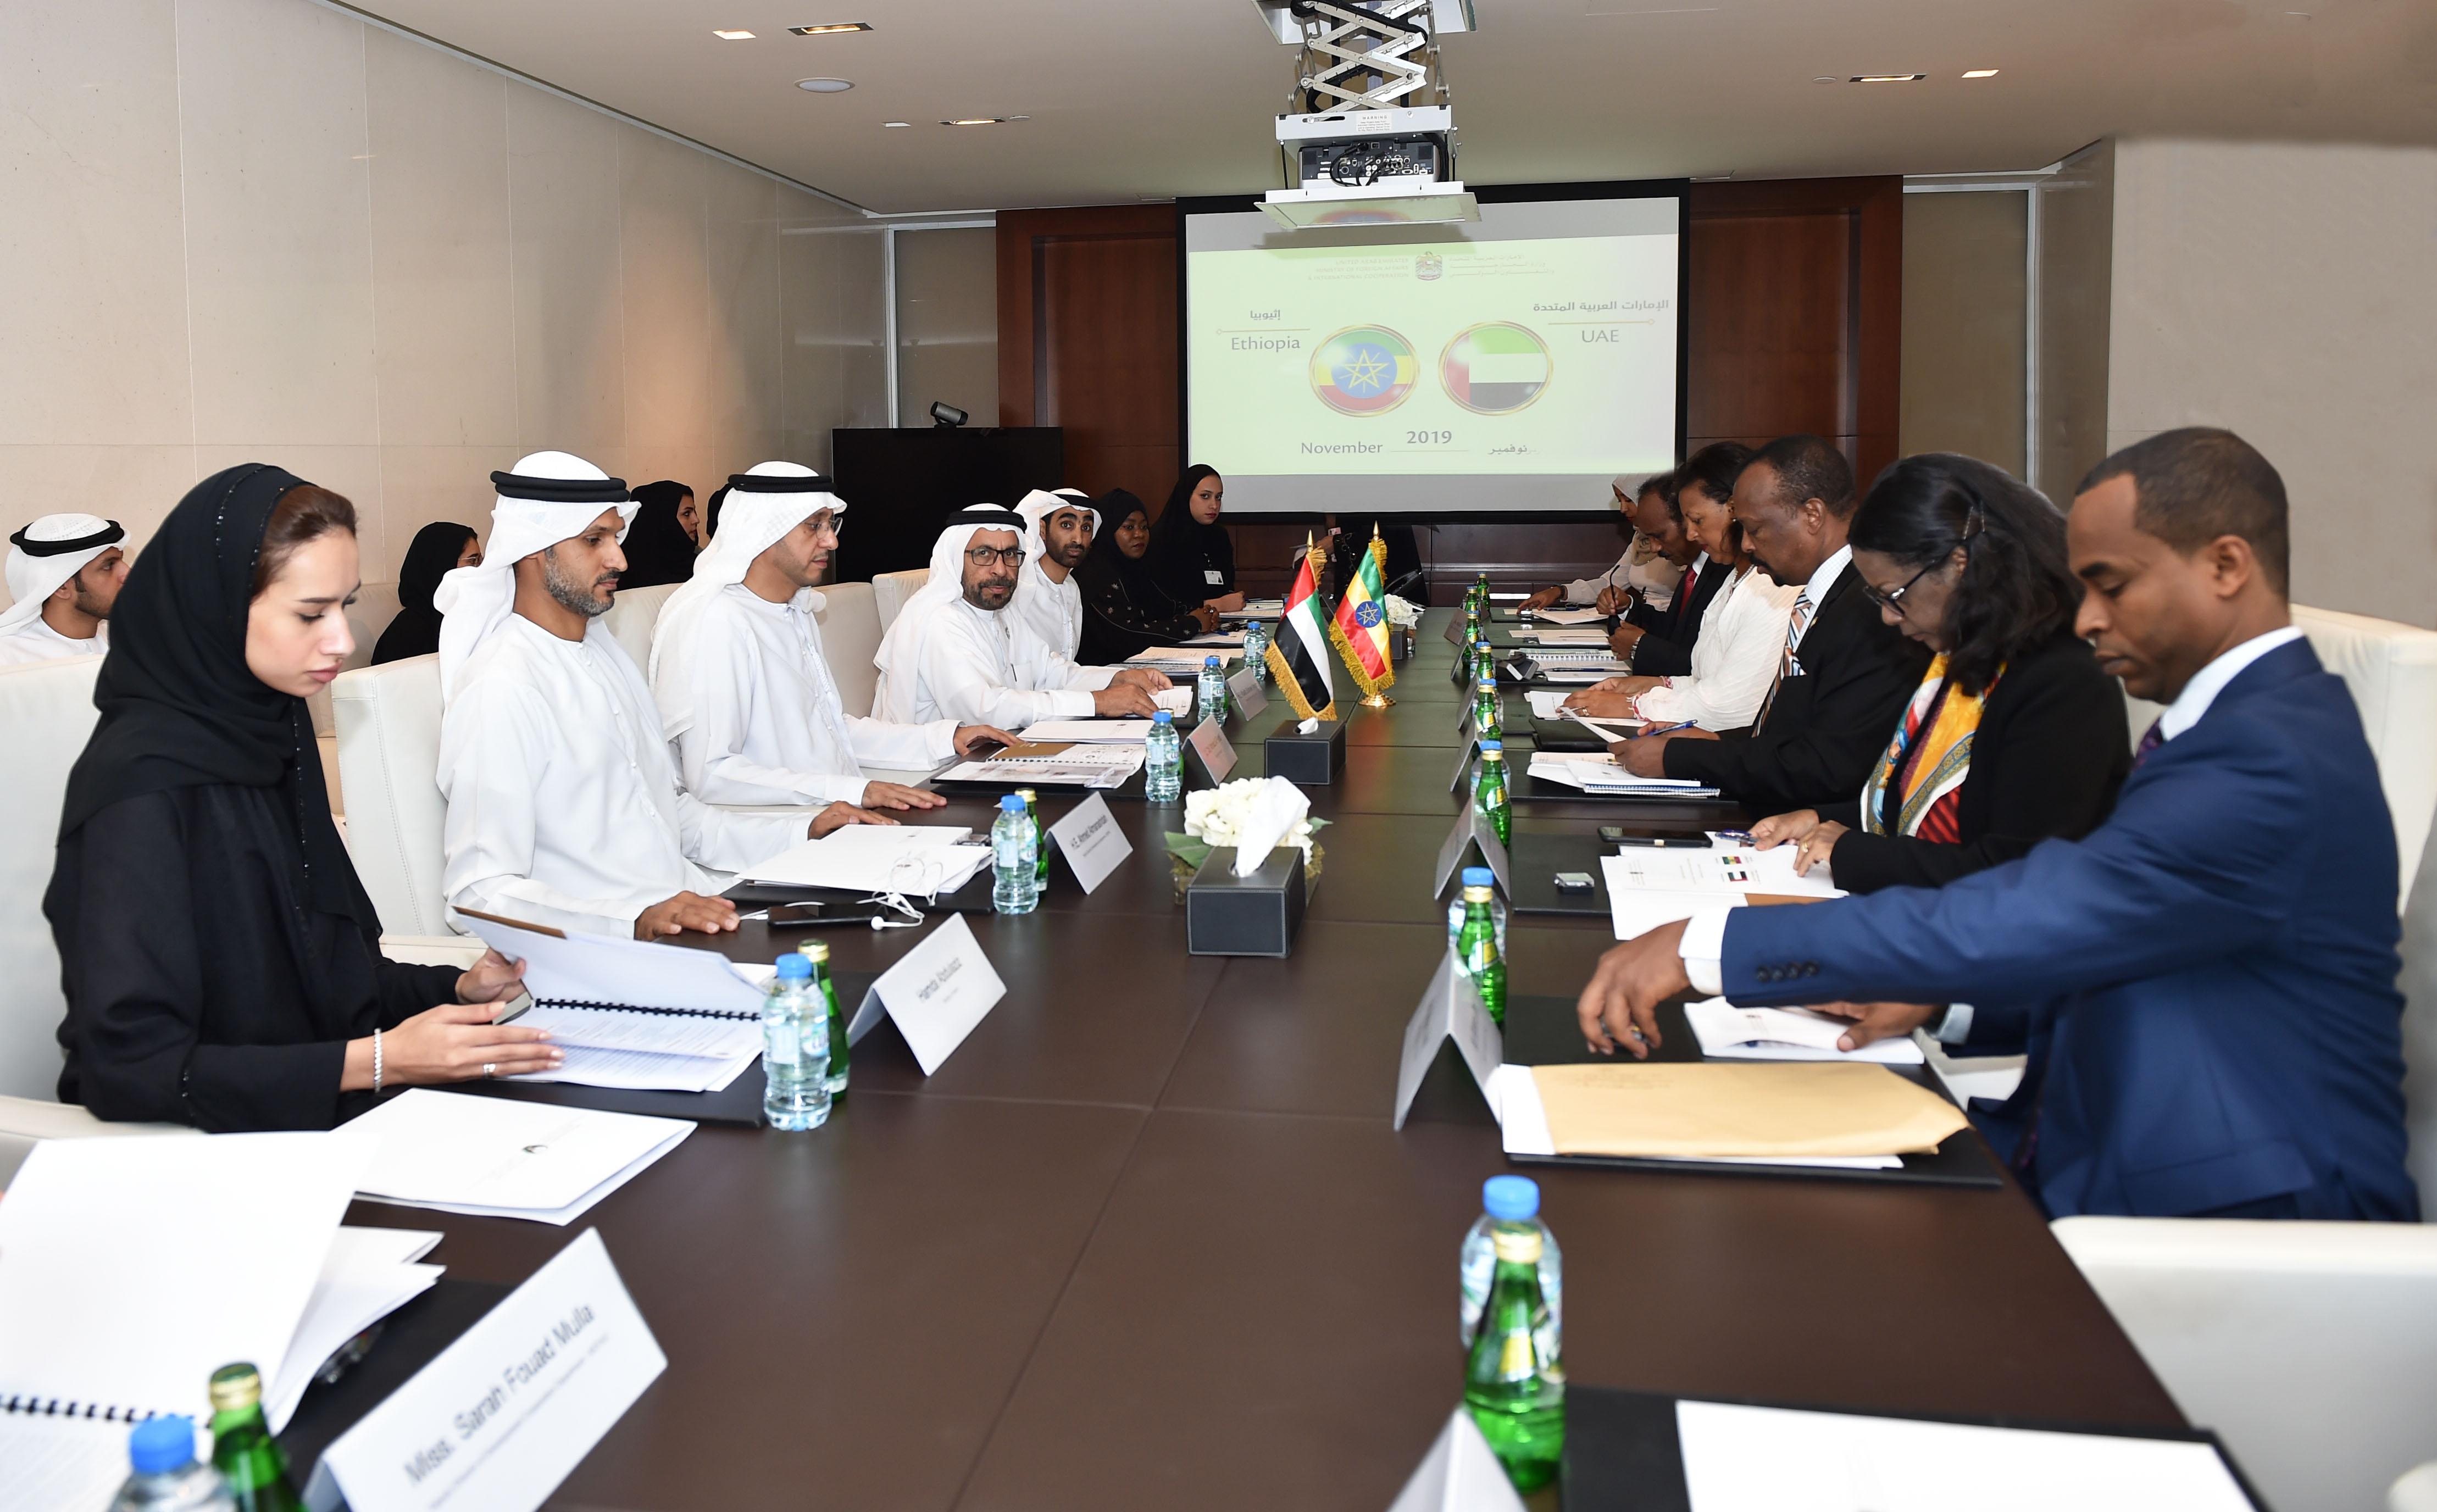 لجنة المشاورات السياسية بين الإمارات وأثيوبيا تبحث تعزيز التعاون